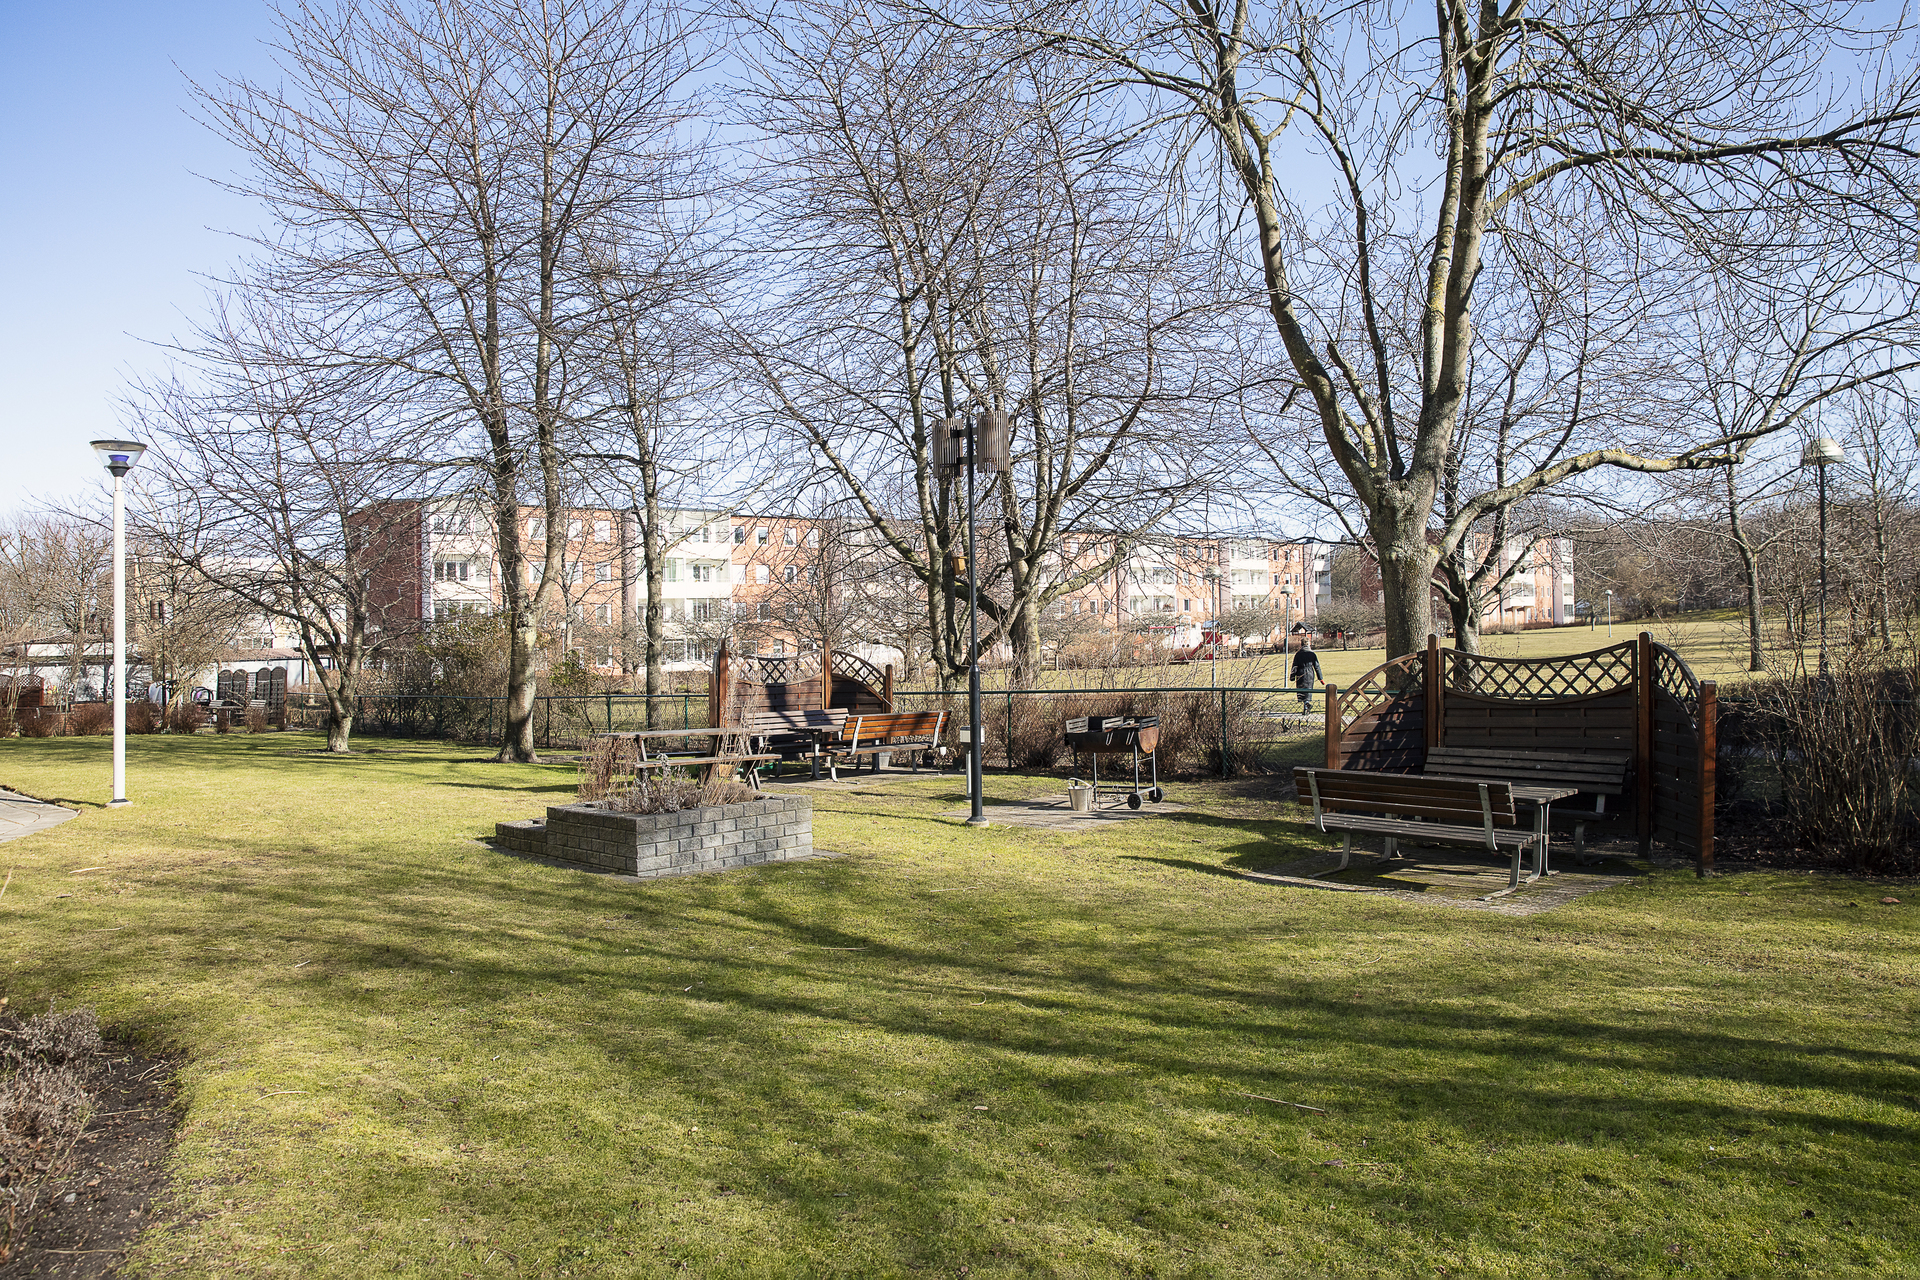 Föreningens välskötta innergård erbjuder bl.a. flera sittgrupper